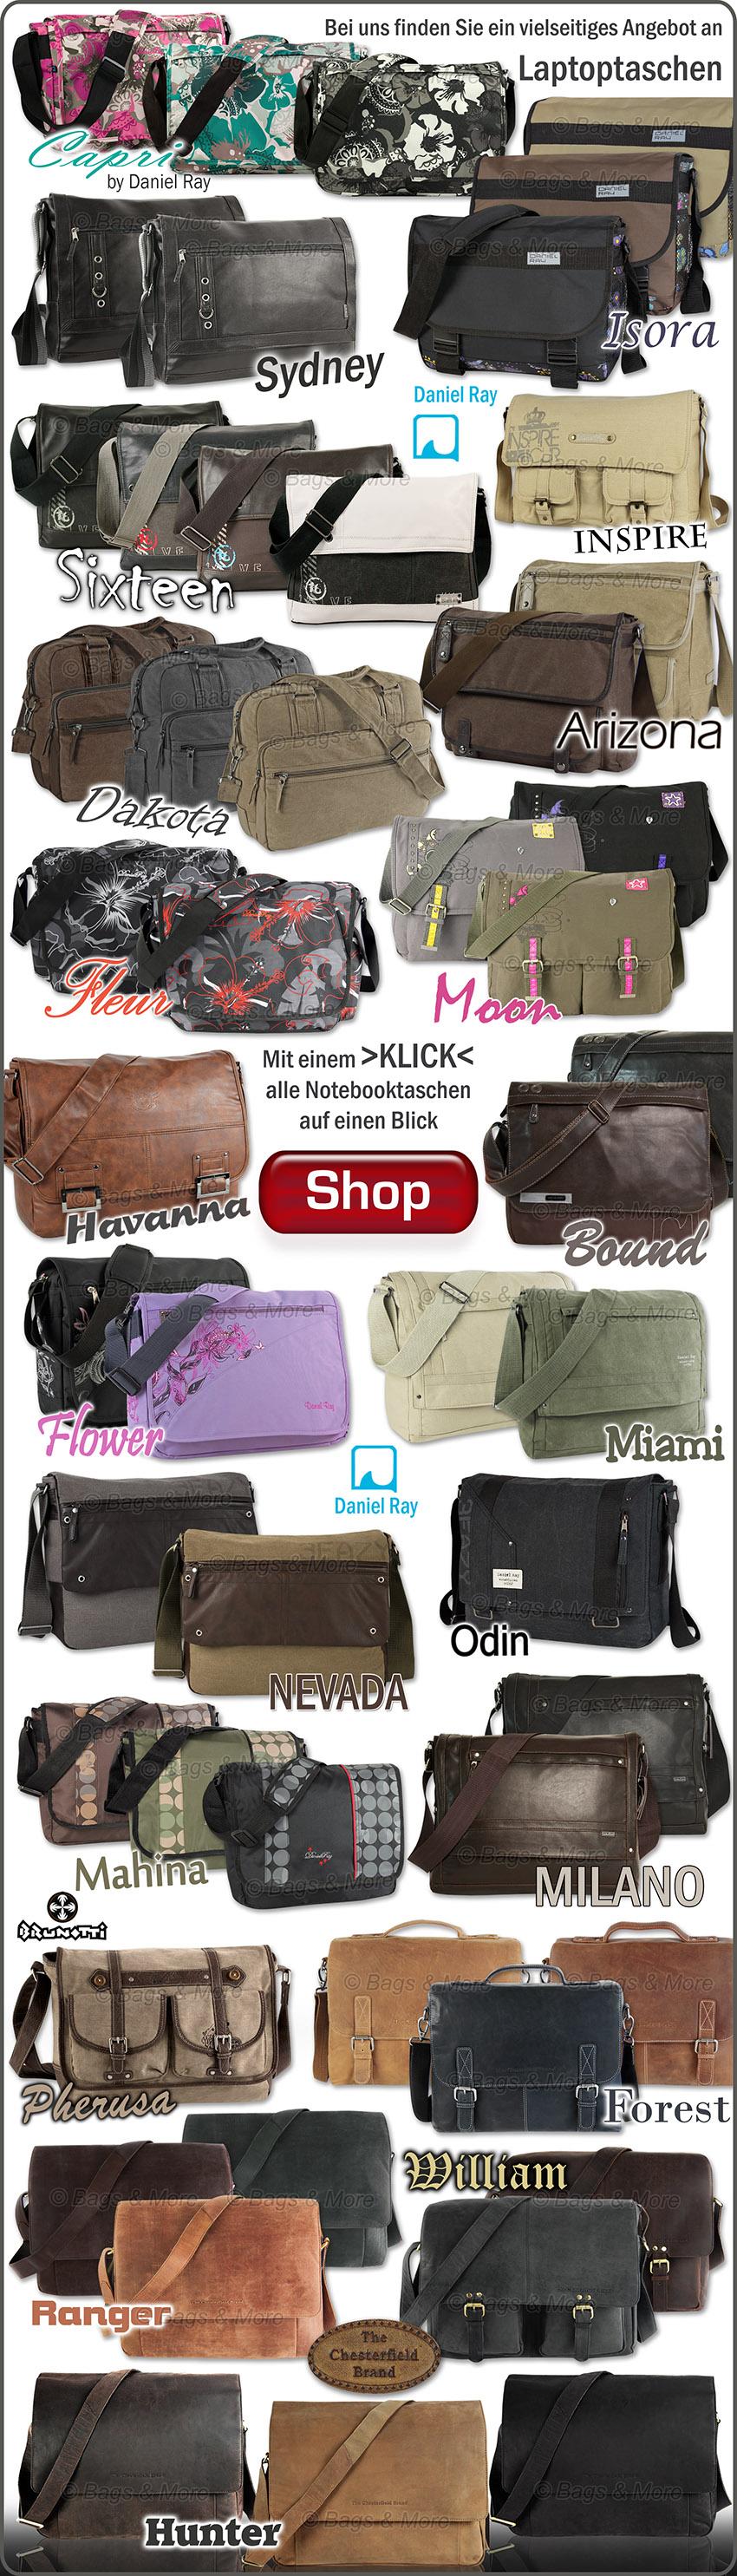 Hier klicken und eine große Auswahl an Notebook-Taschen im Shop ansehen >>